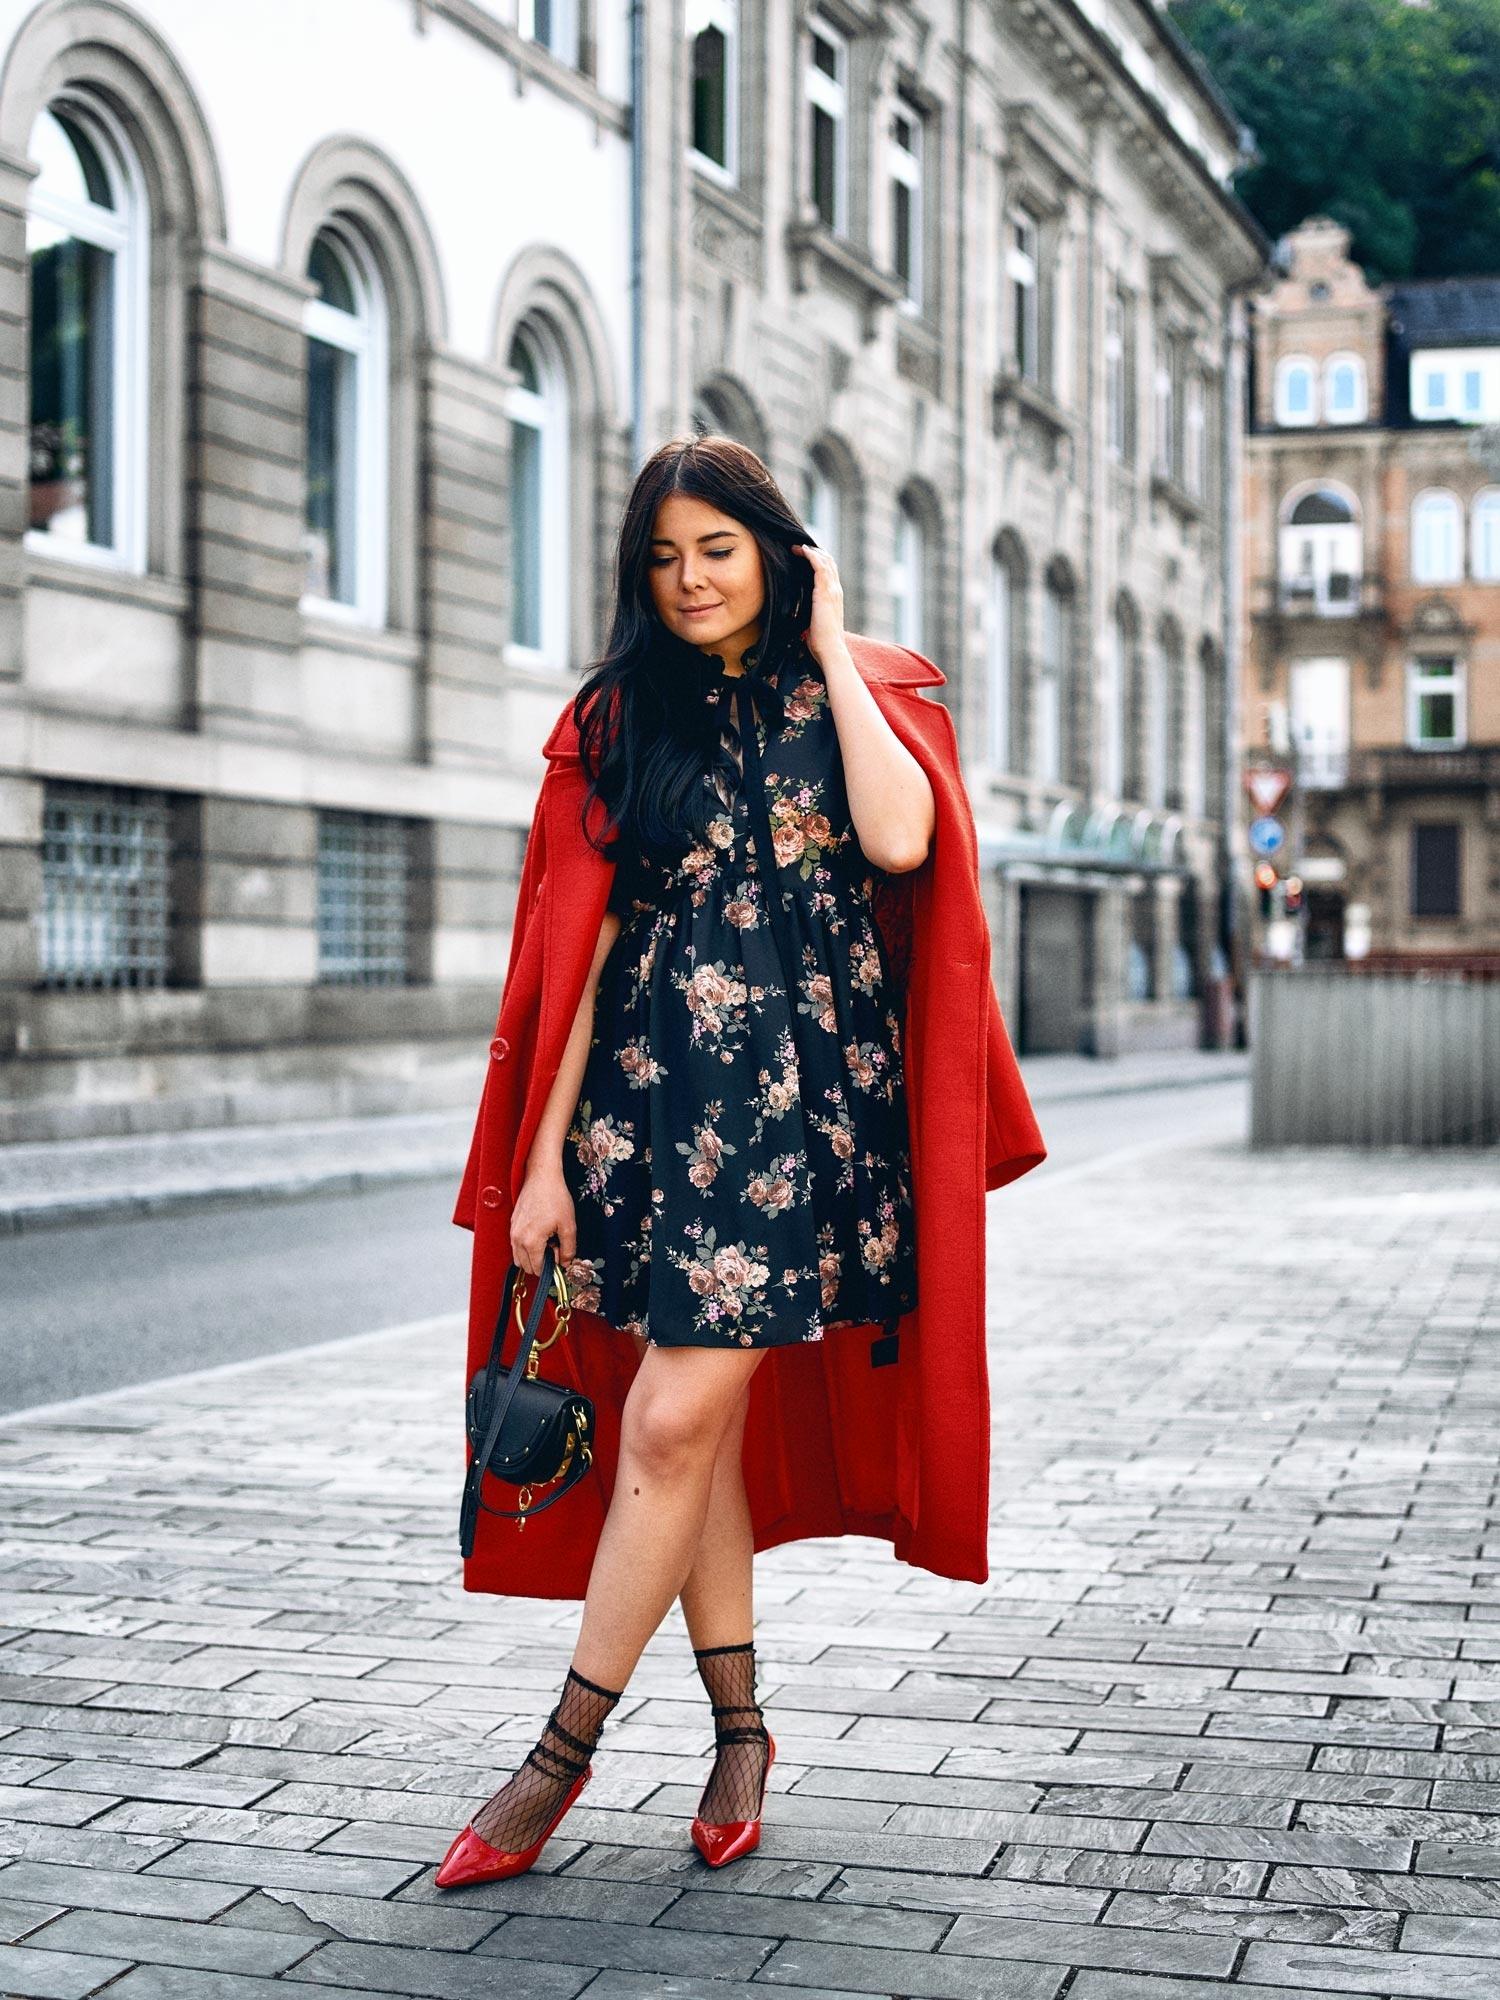 Luxus Blumenkleid Kurz Boutique17 Einfach Blumenkleid Kurz für 2019